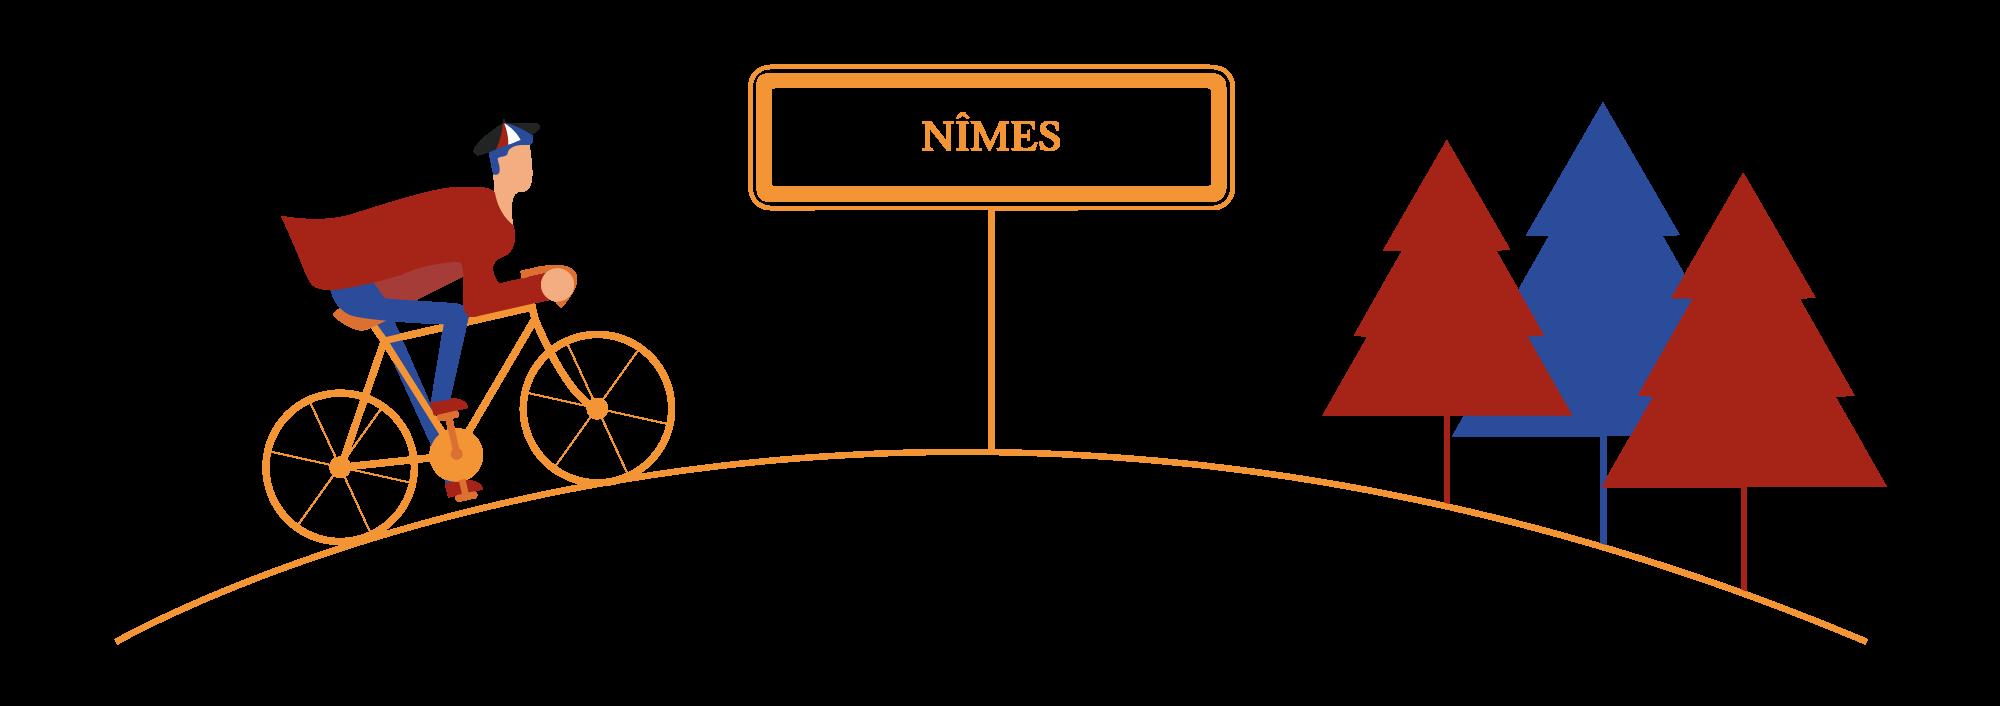 Spécialités de Nîmes